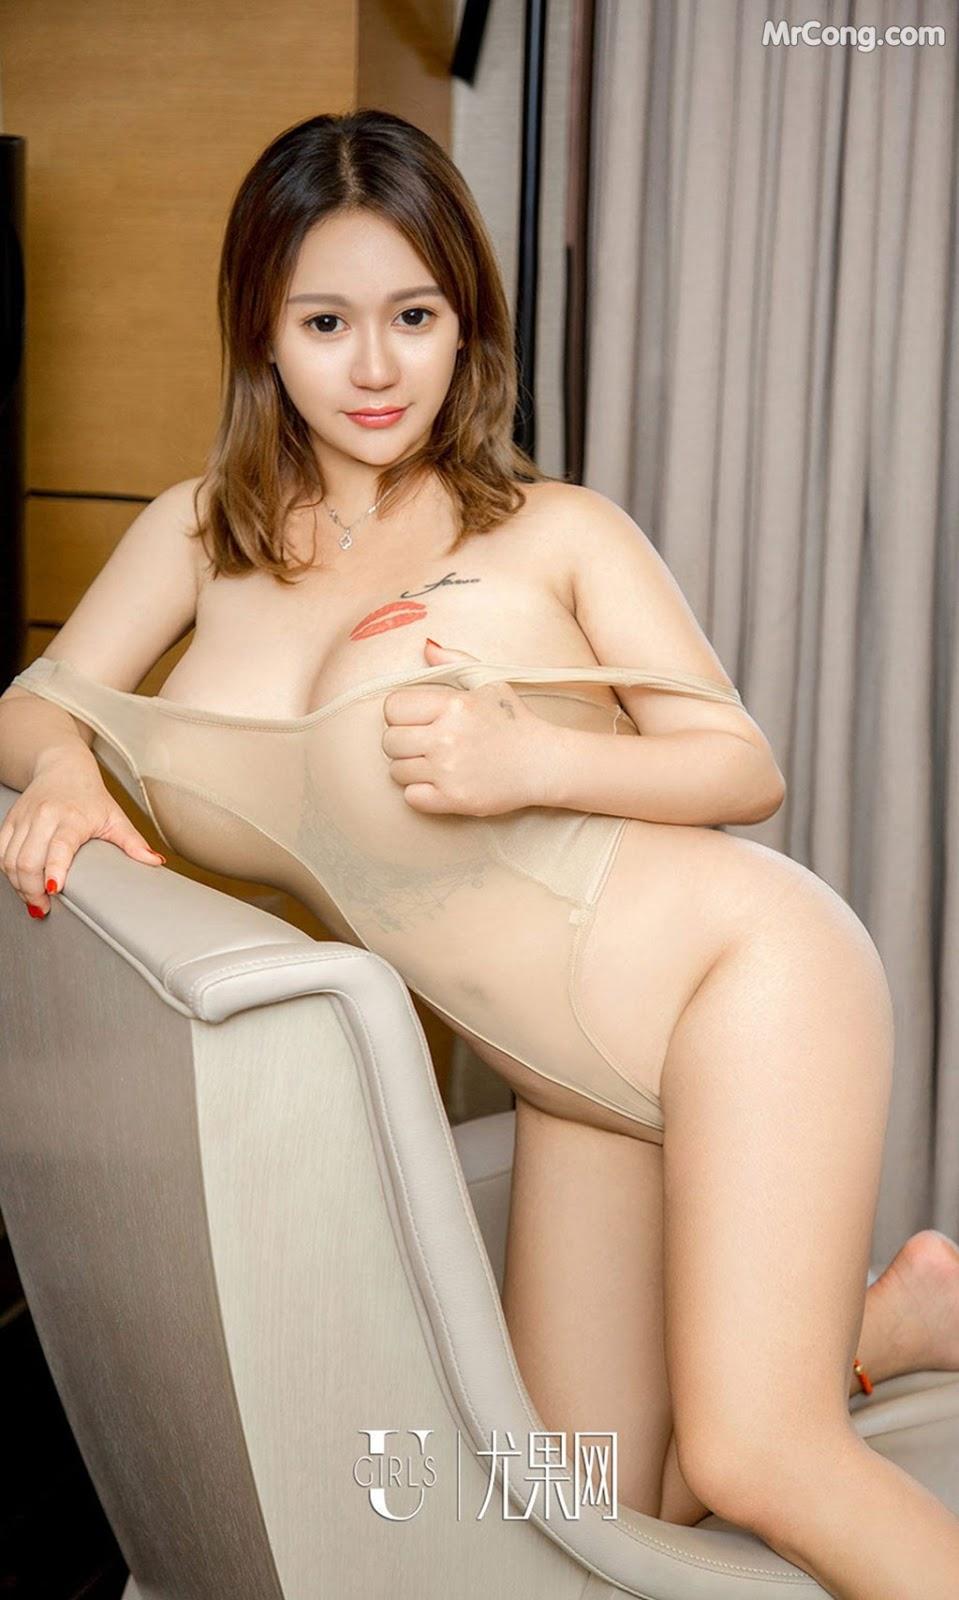 Image UGIRLS-Ai-You-Wu-App-No.913-Xiao-Meng-Meng-MrCong.com-004 in post UGIRLS – Ai You Wu App No.913: Người mẫu Xiao Meng Meng (小梦梦) (40 ảnh)